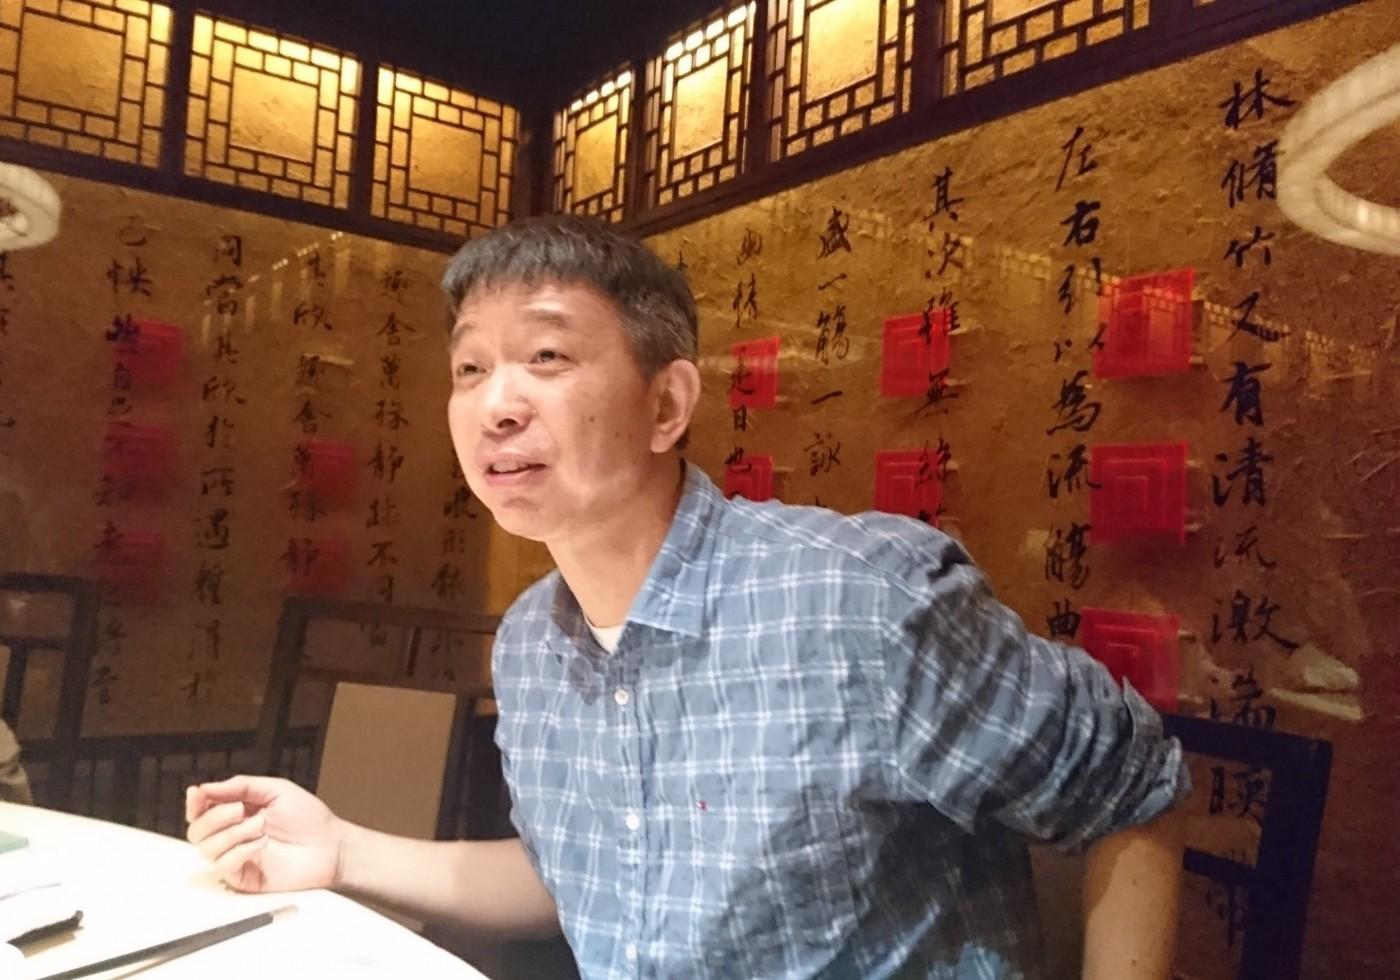 相信AI是台灣的機會,阿里巴巴技術委員會主席王堅:我覺得開復太錯了